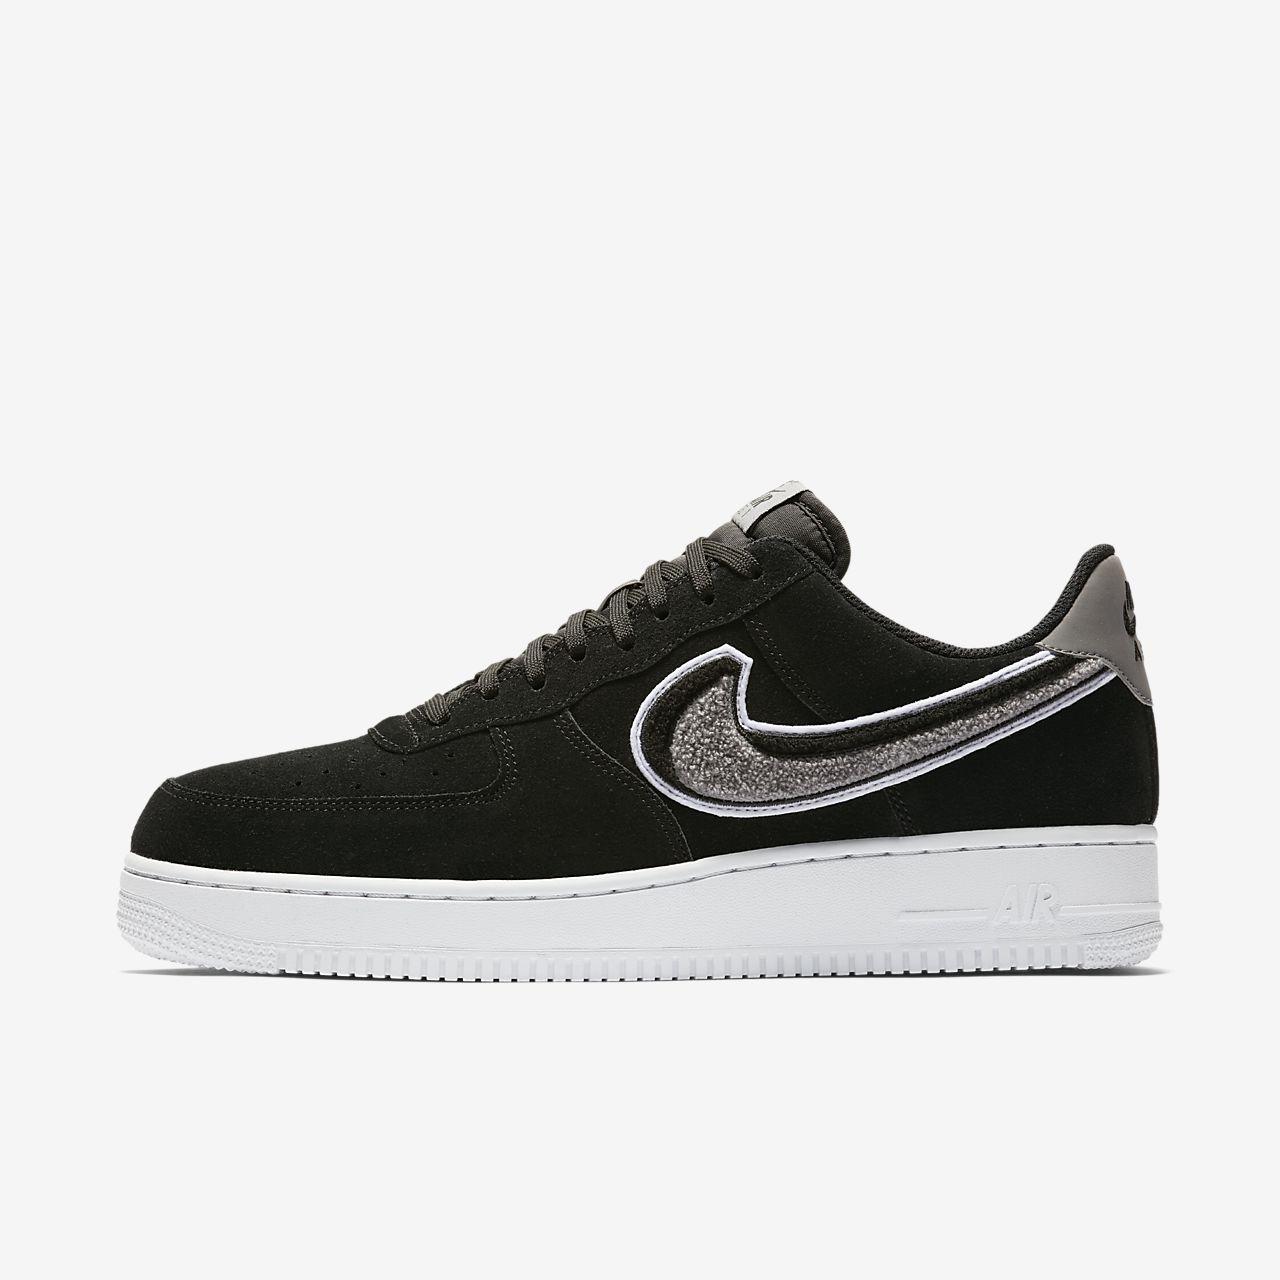 Ανδρικό παπούτσι Nike Air Force 1 Low 07 LV8